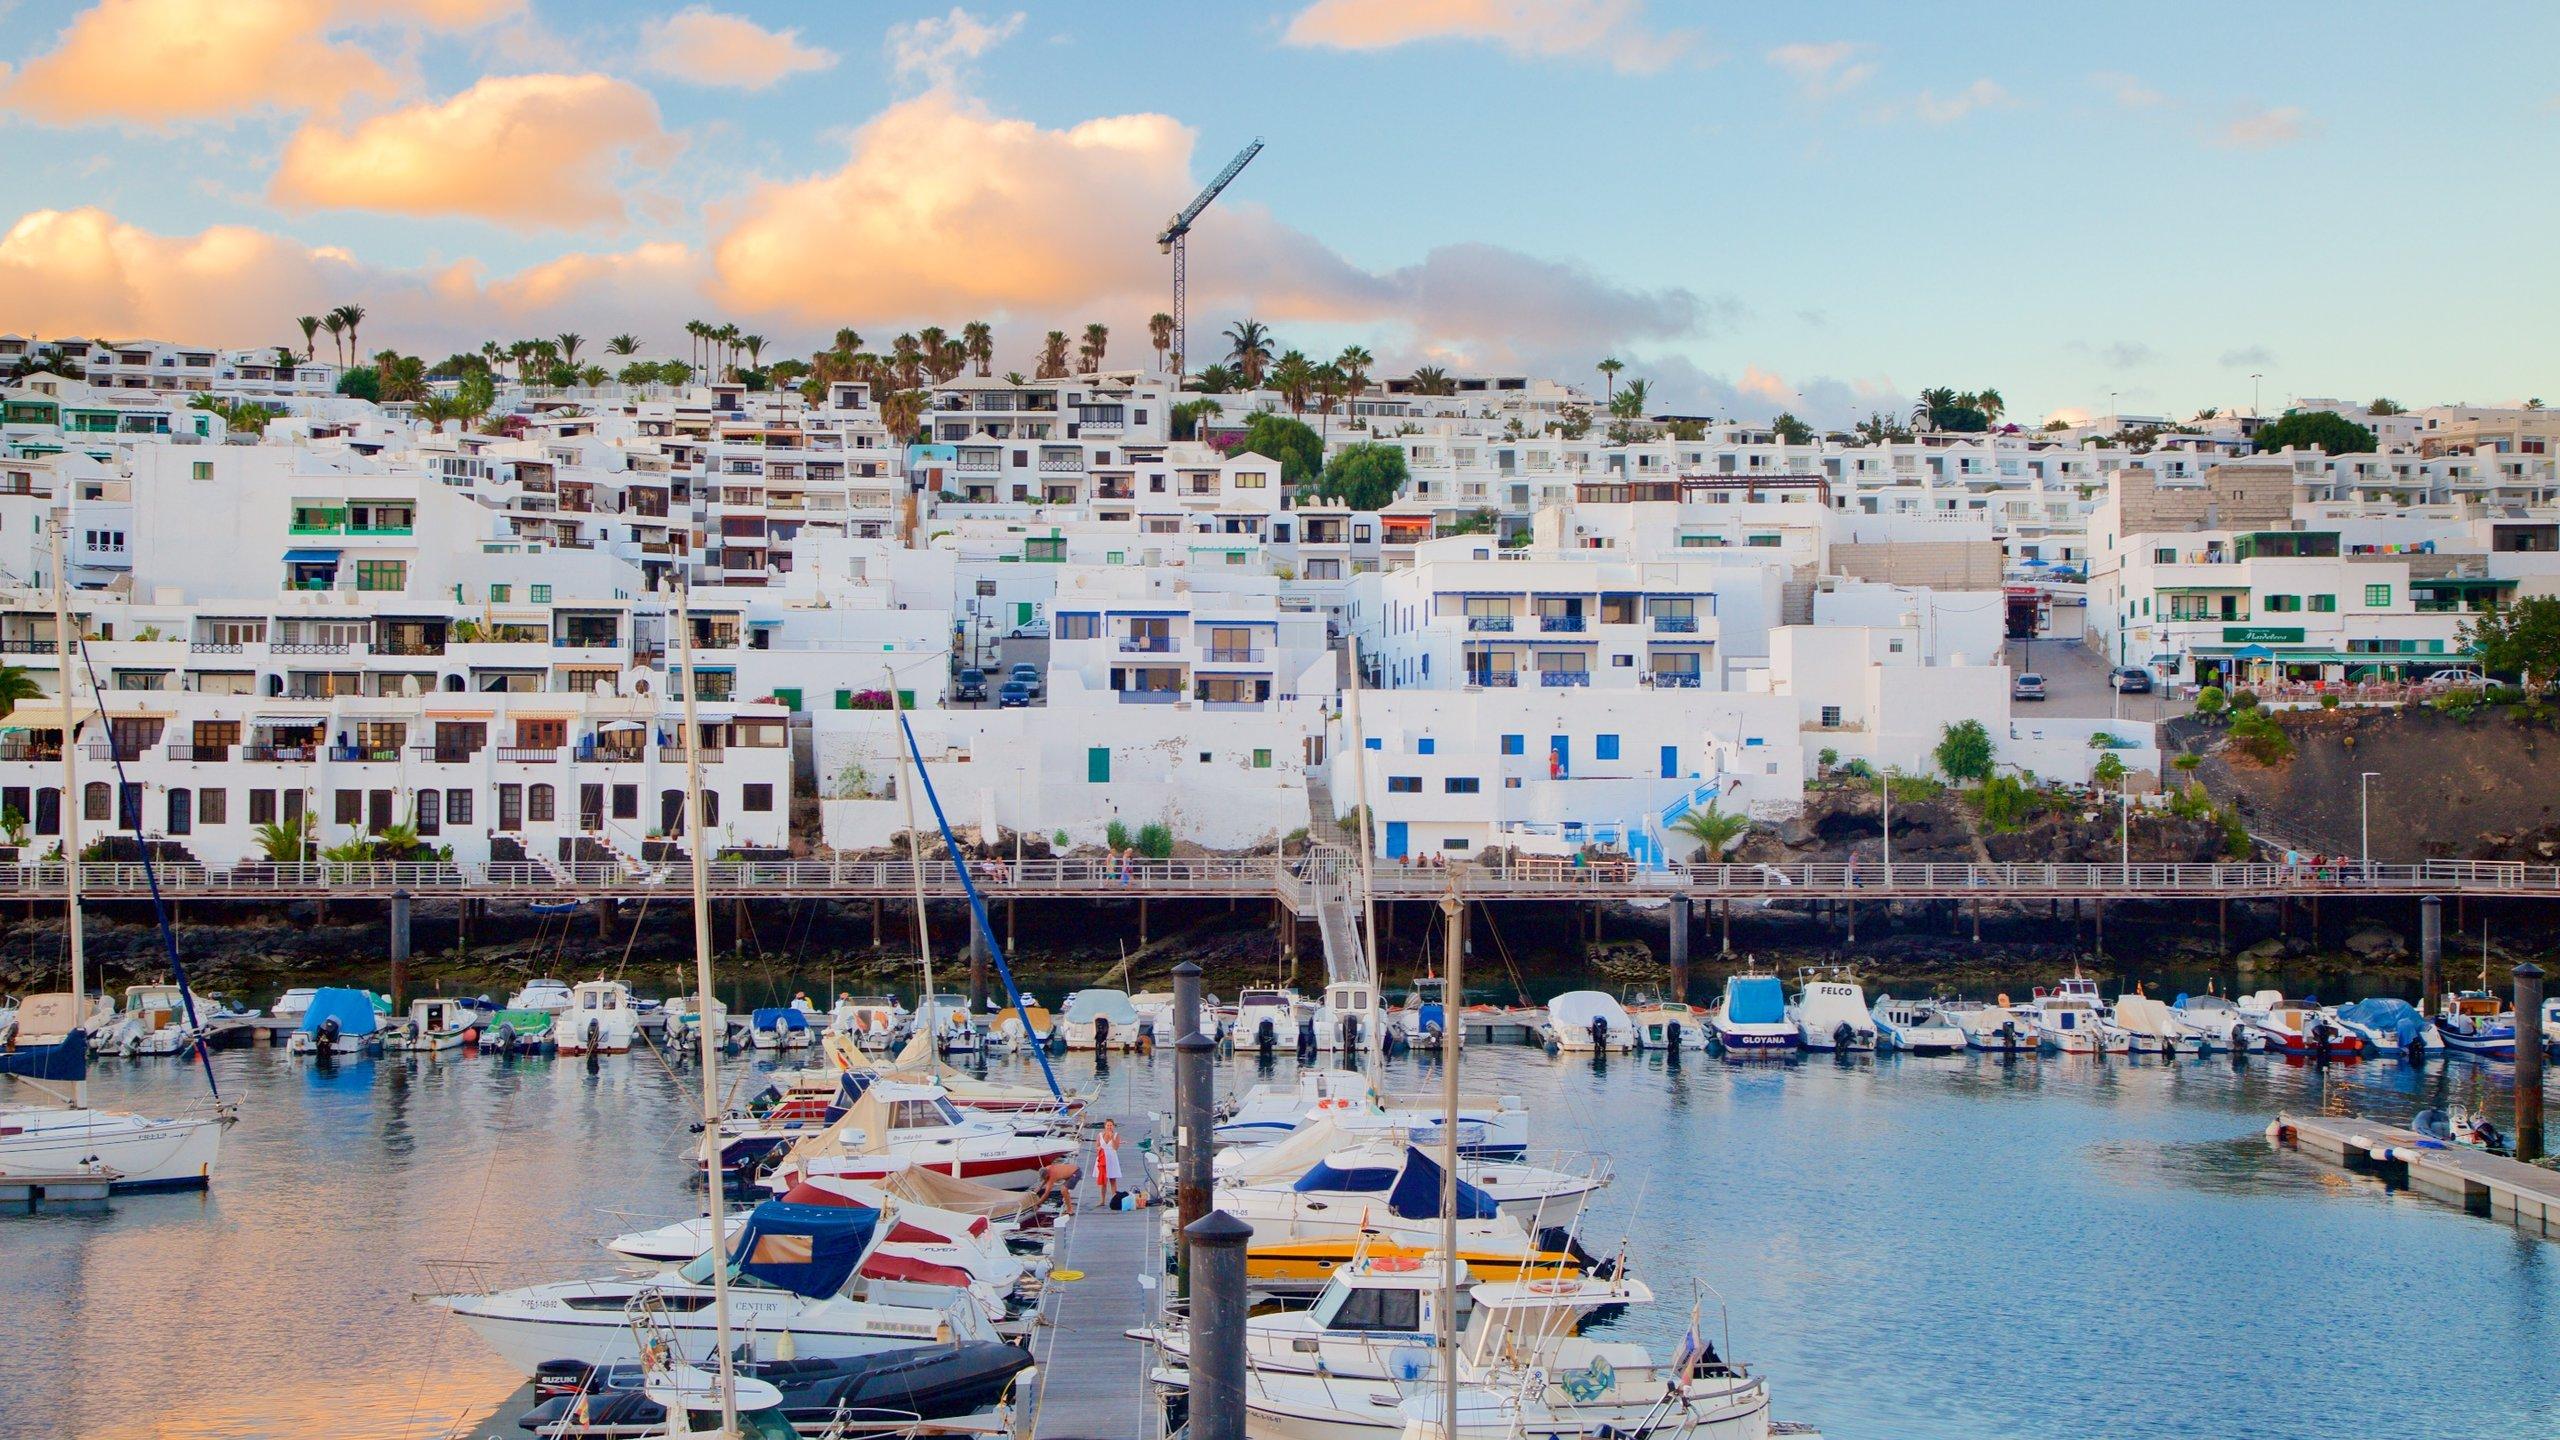 Puerto del Carmen, Canary Islands, Spain